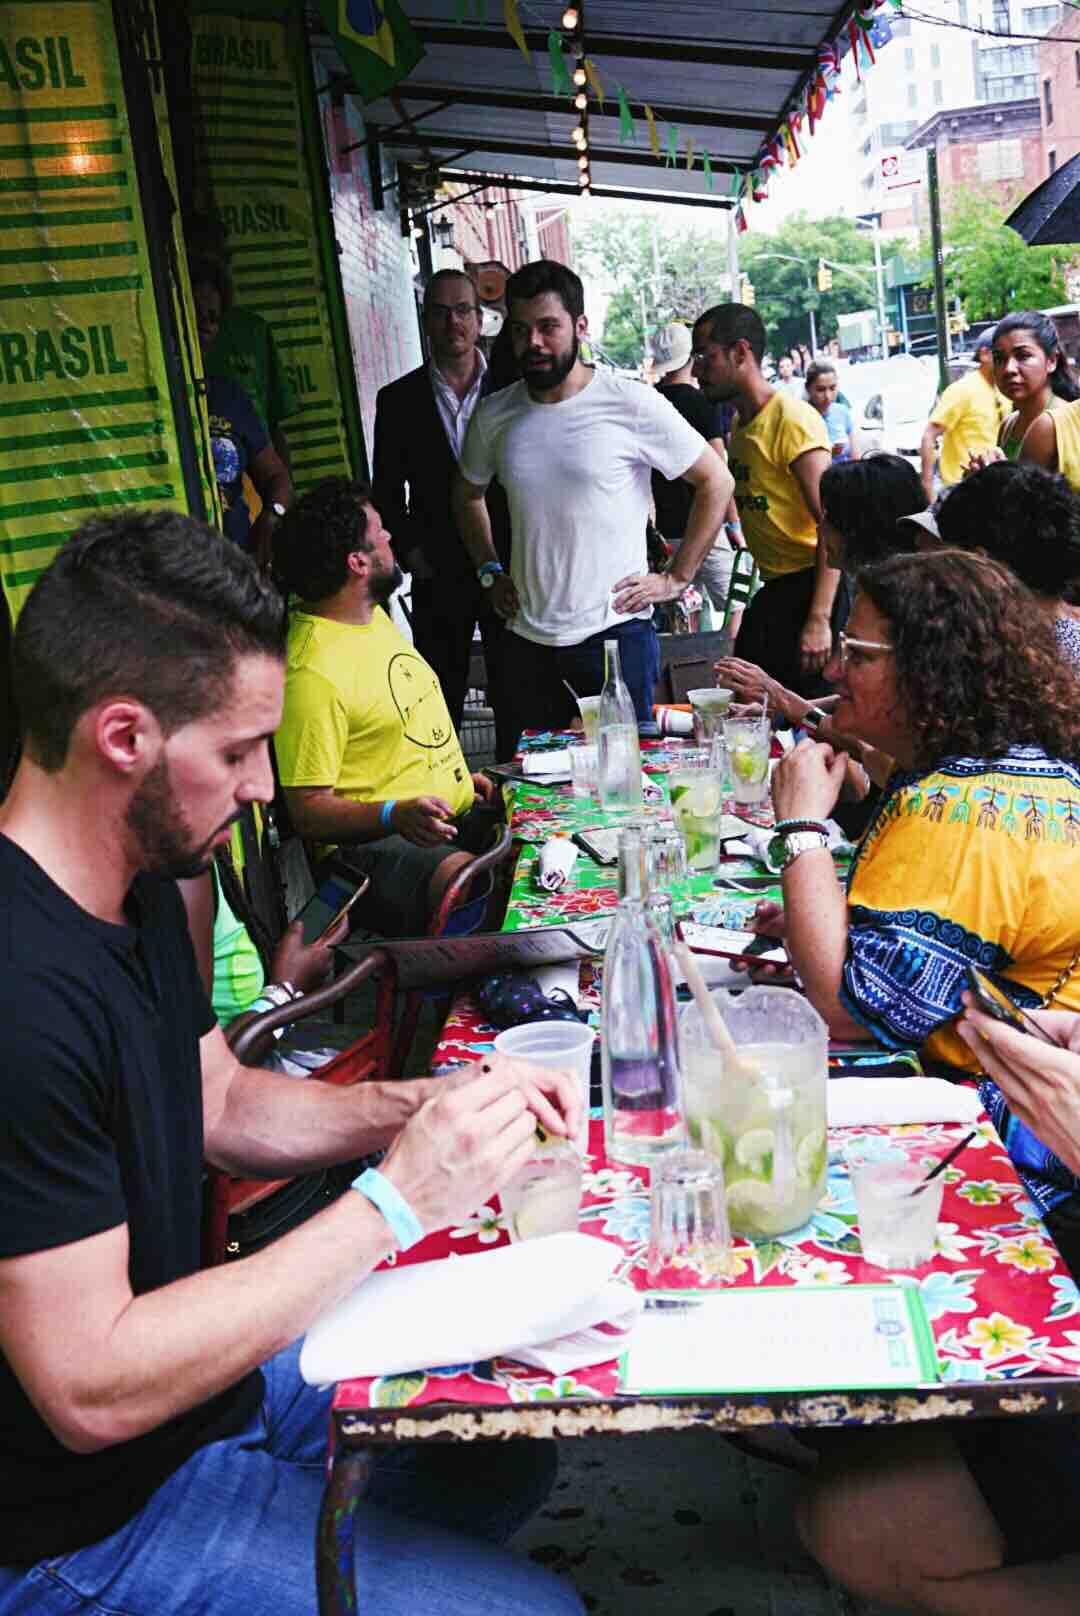 Endless caprihinas and fun at Miss Favela